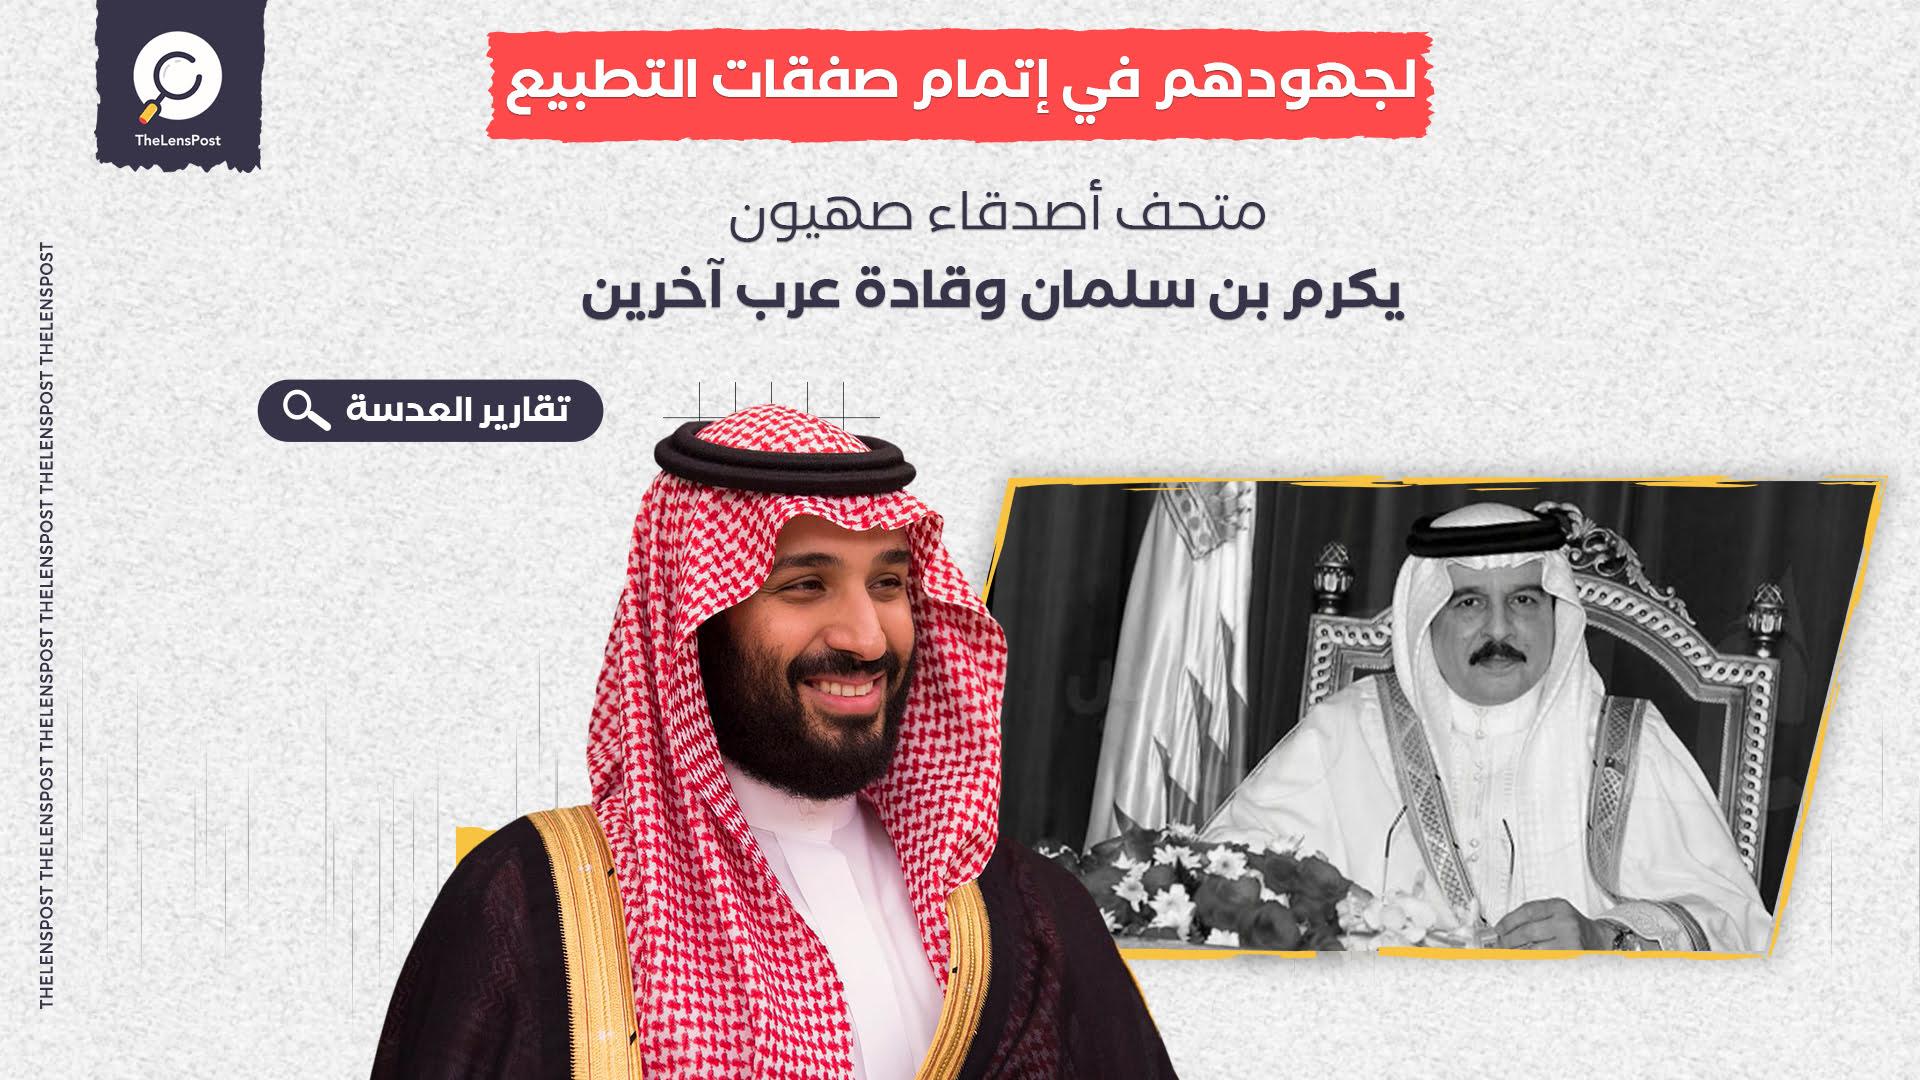 لجهودهم في إتمام صفقات التطبيع.. متحف أصدقاء صهيون يكرم بن سلمان وقادة عرب آخرين